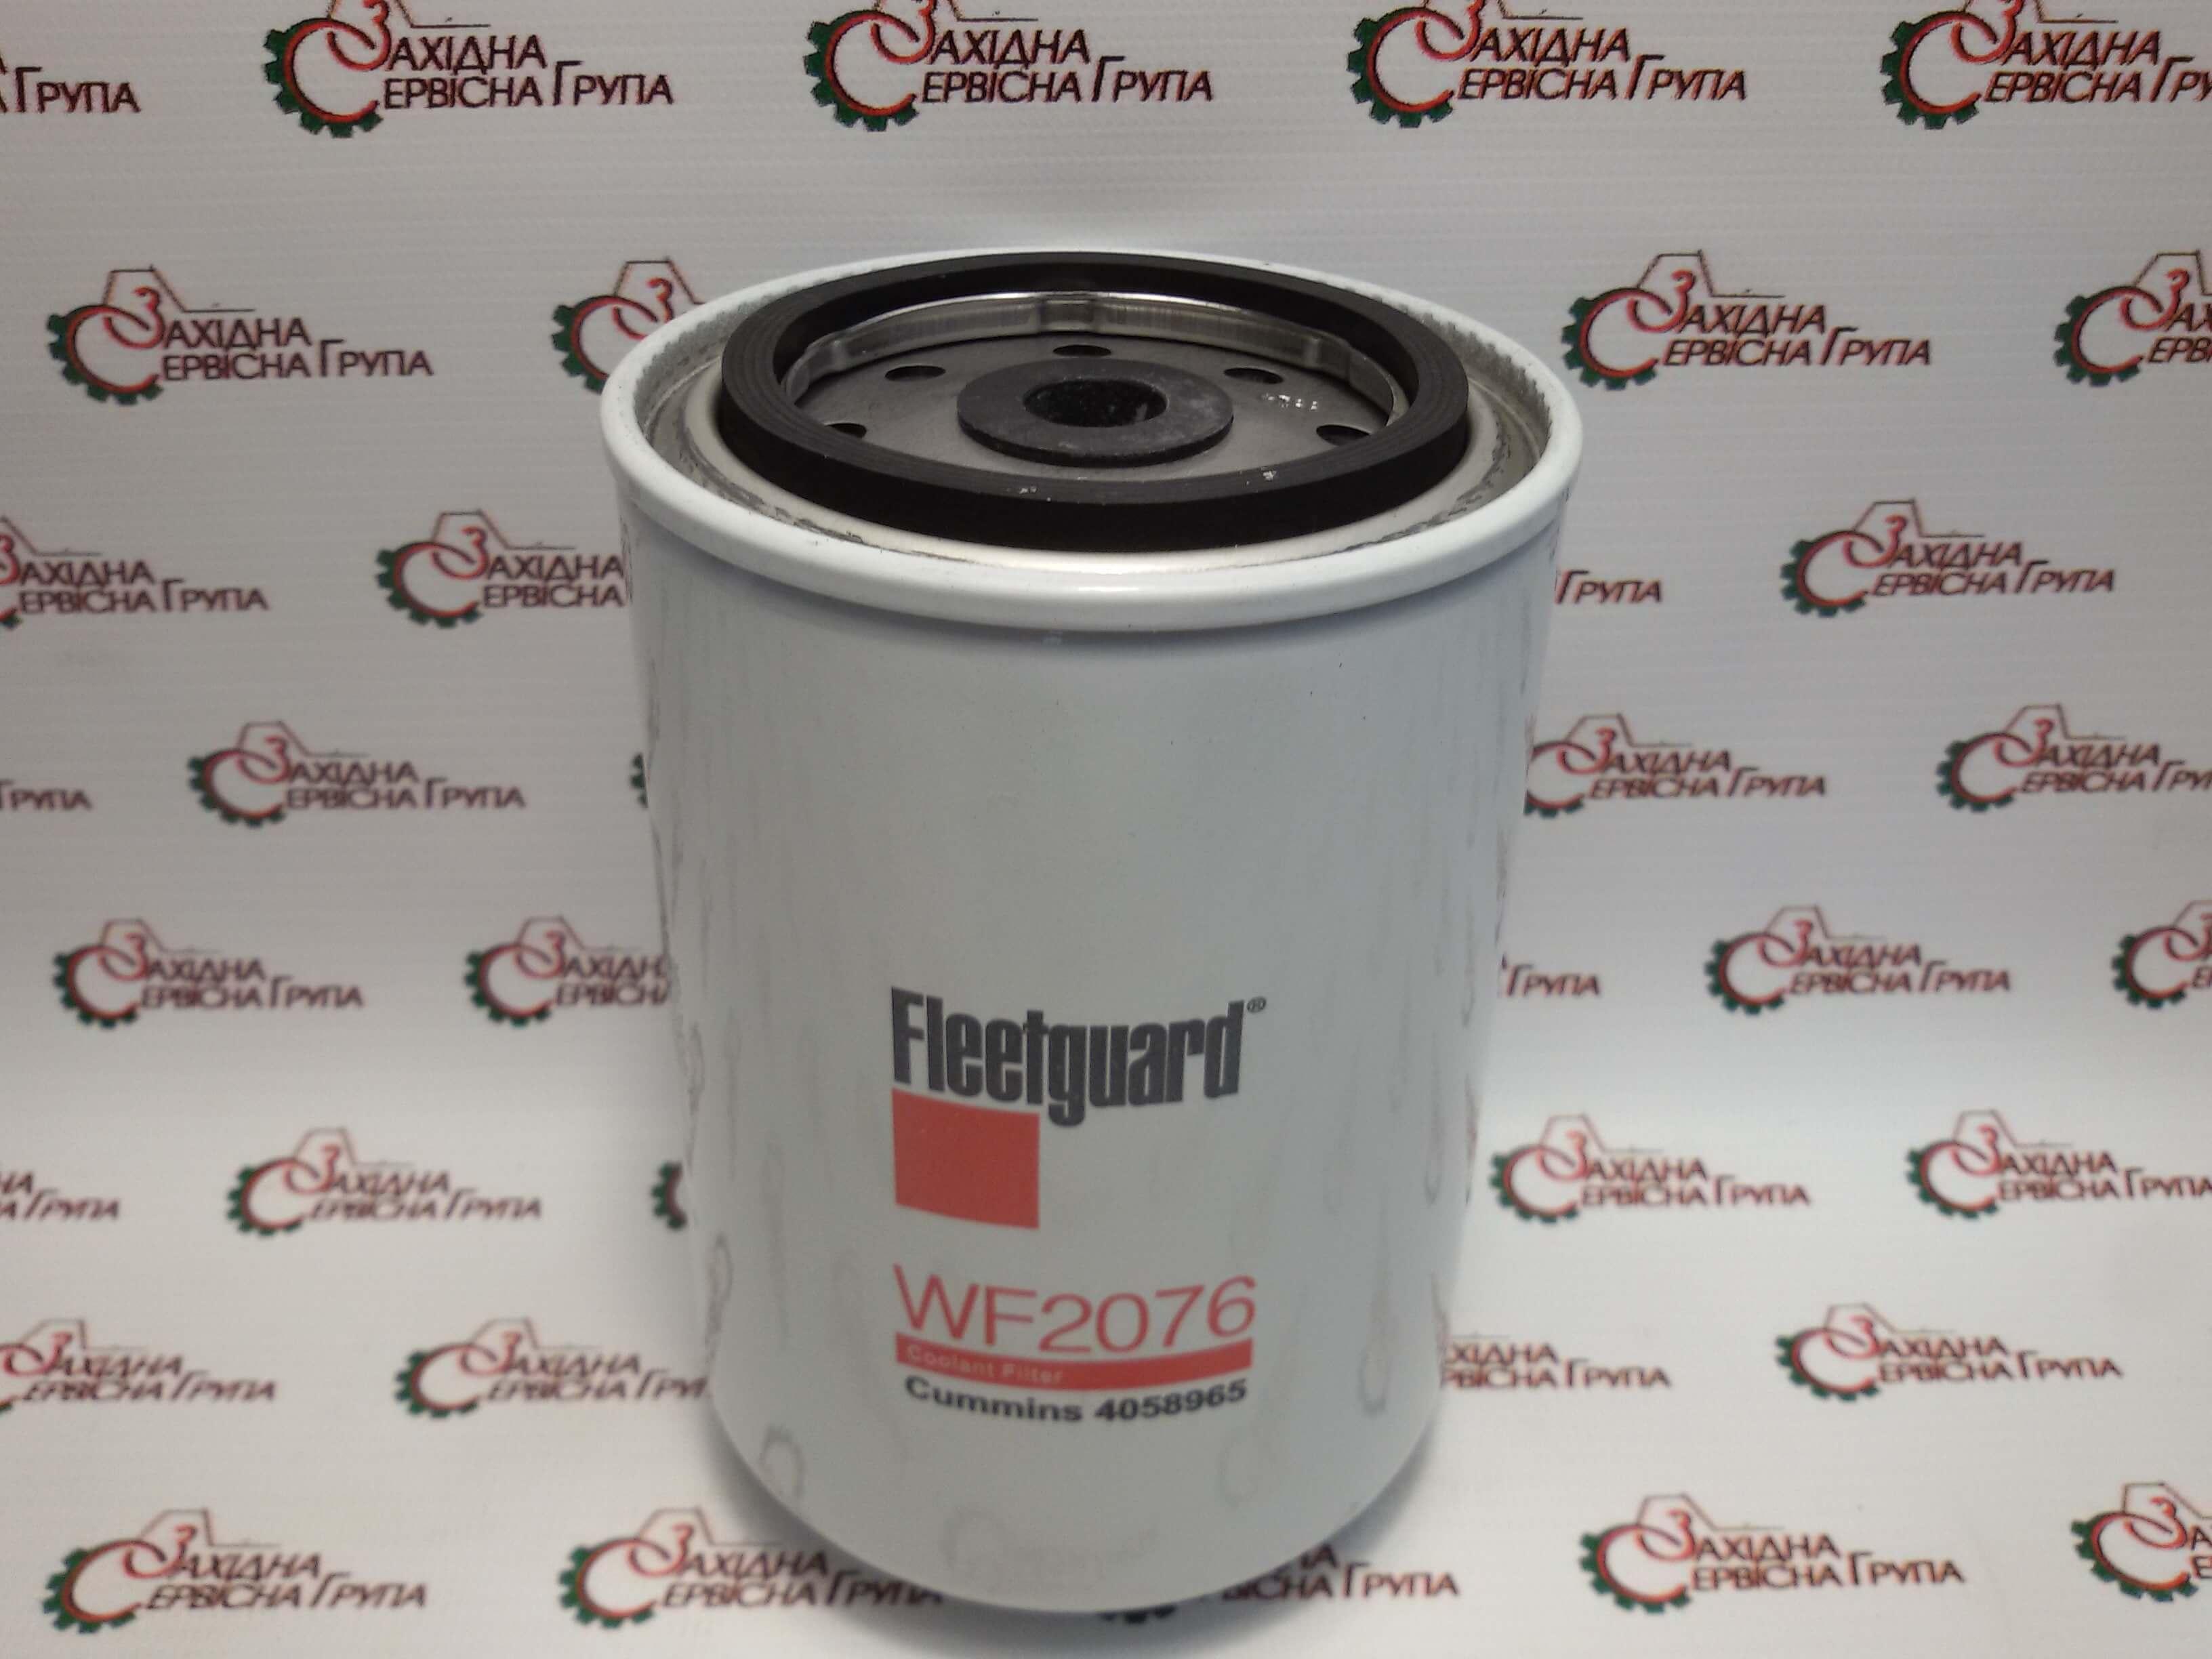 Фільтр охолоджуючої рідини Cummins Fleetguard WF2076, 4058965.